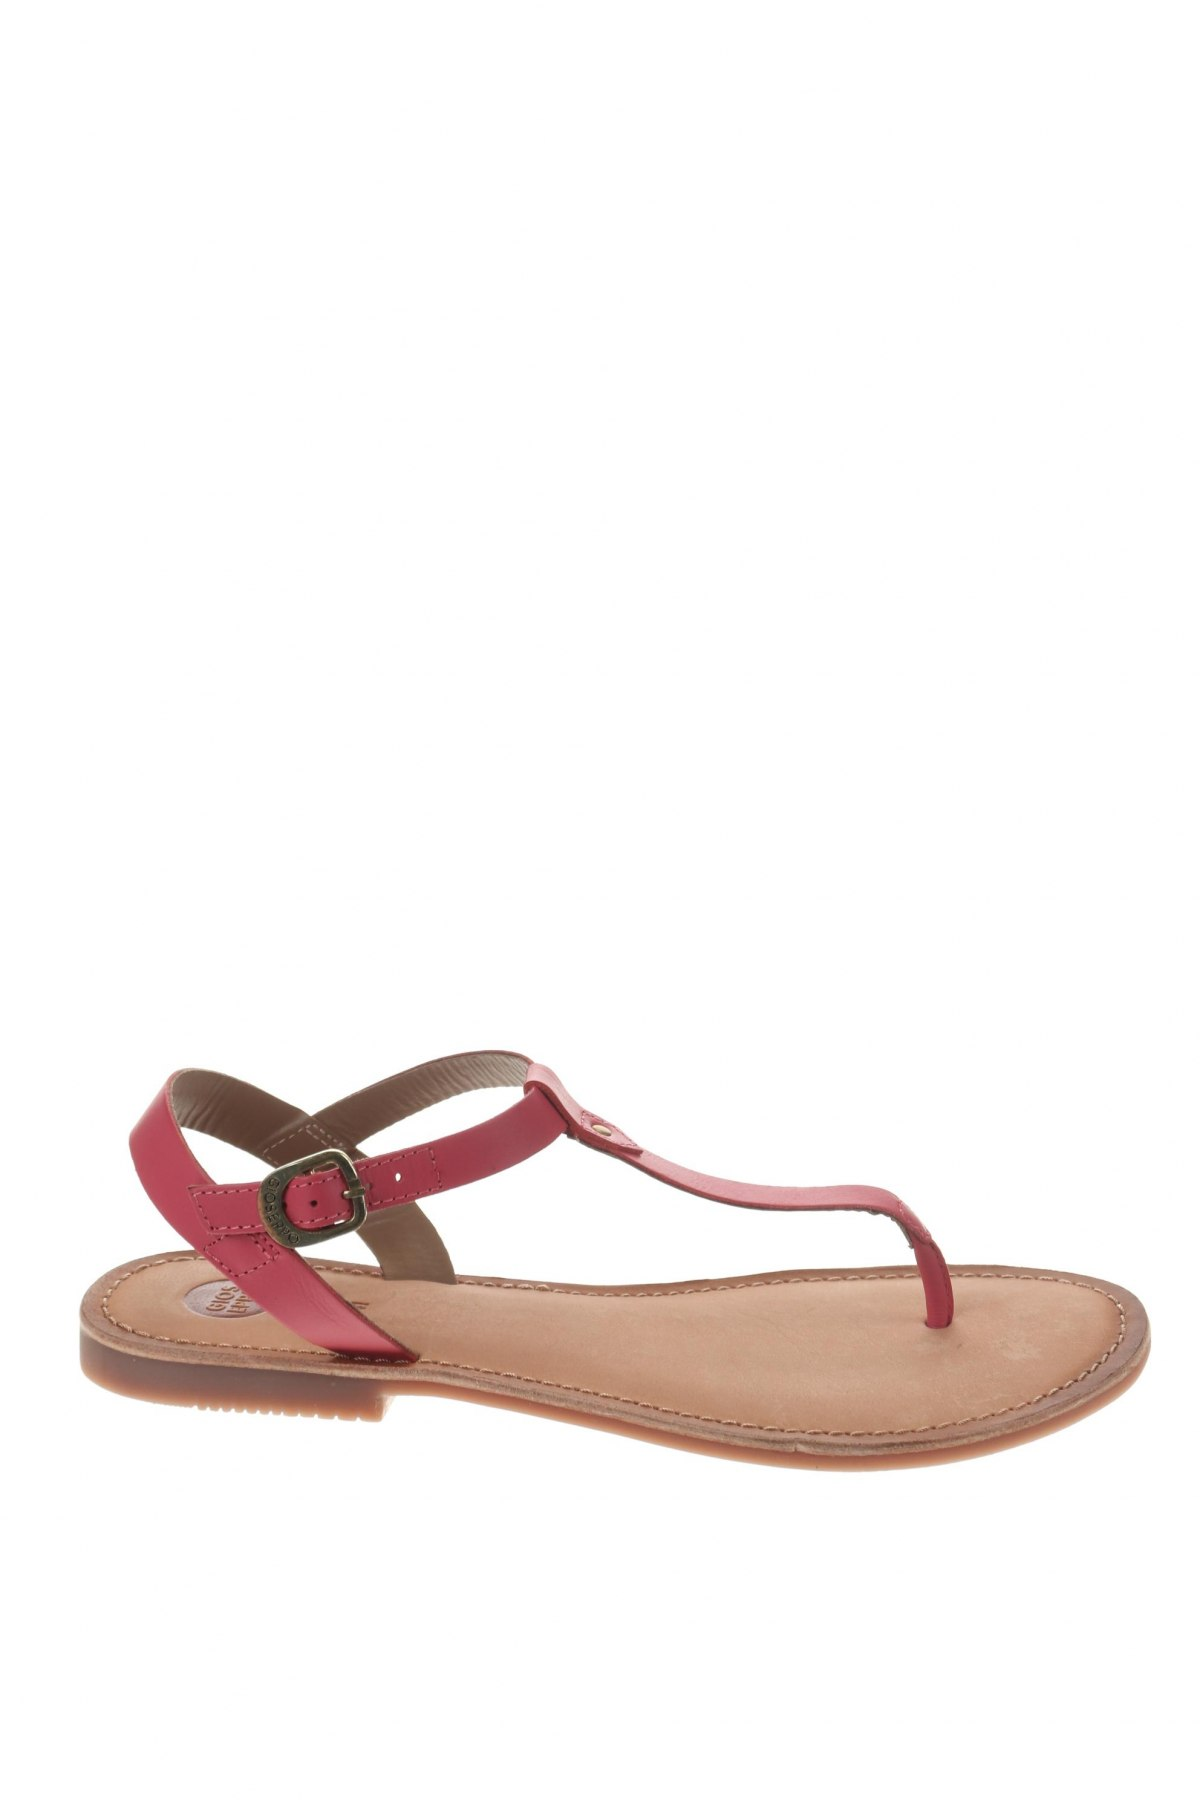 Σανδάλια Gioseppo, Μέγεθος 41, Χρώμα Ρόζ , Γνήσιο δέρμα, Τιμή 25,11€